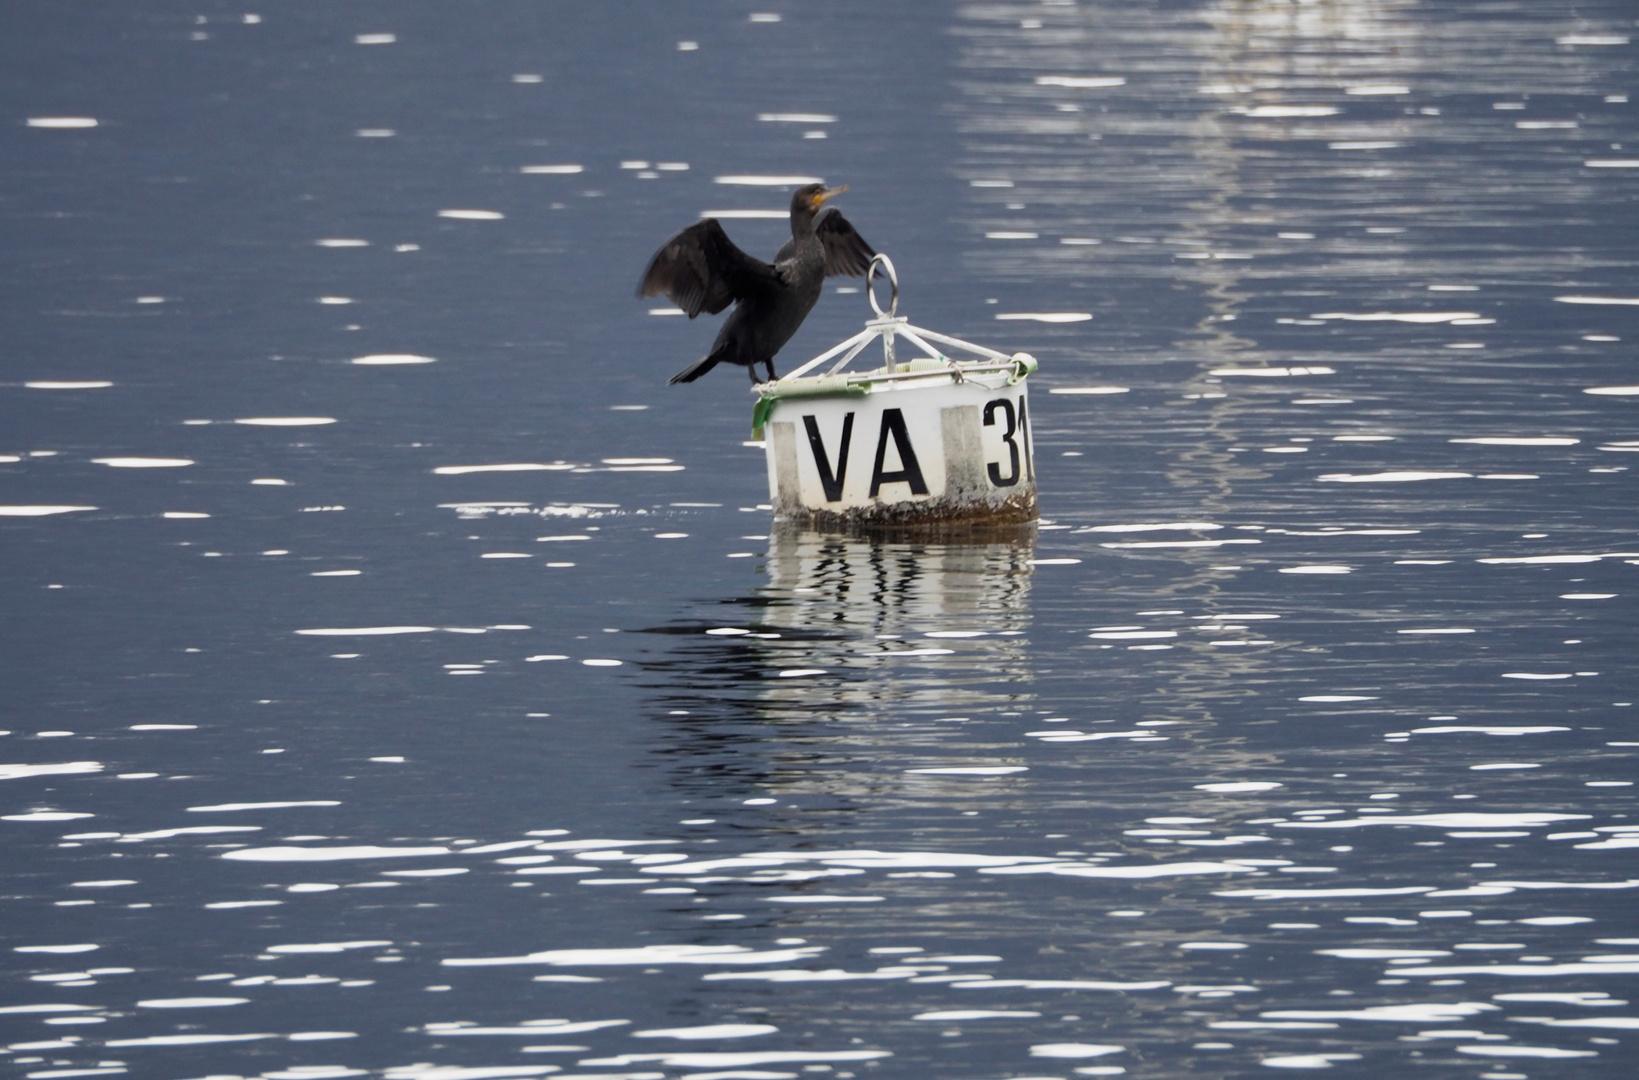 Il cormorano sulla boa